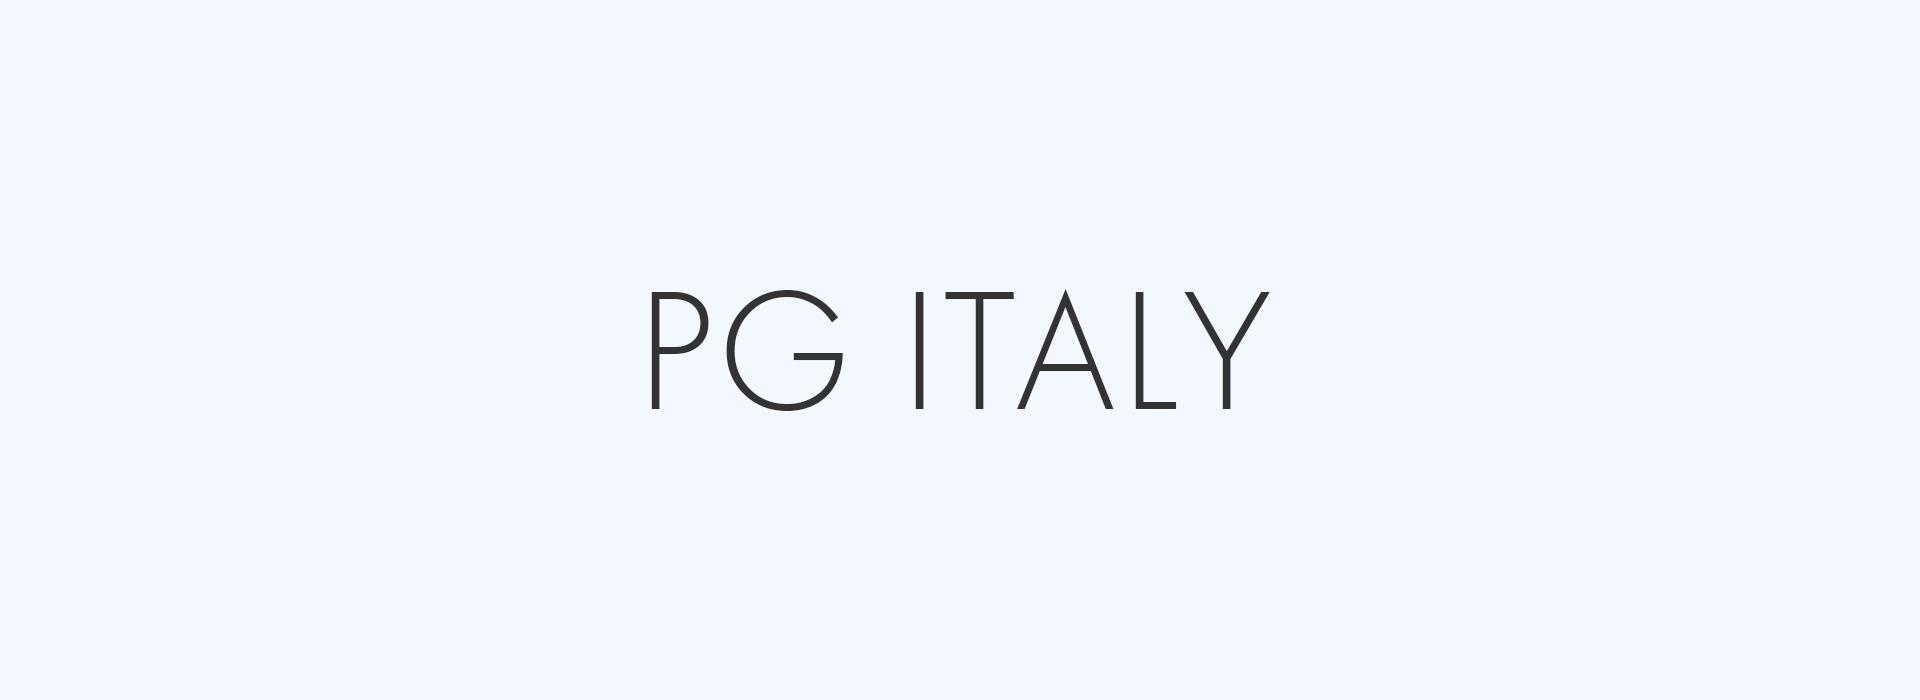 PG Italy